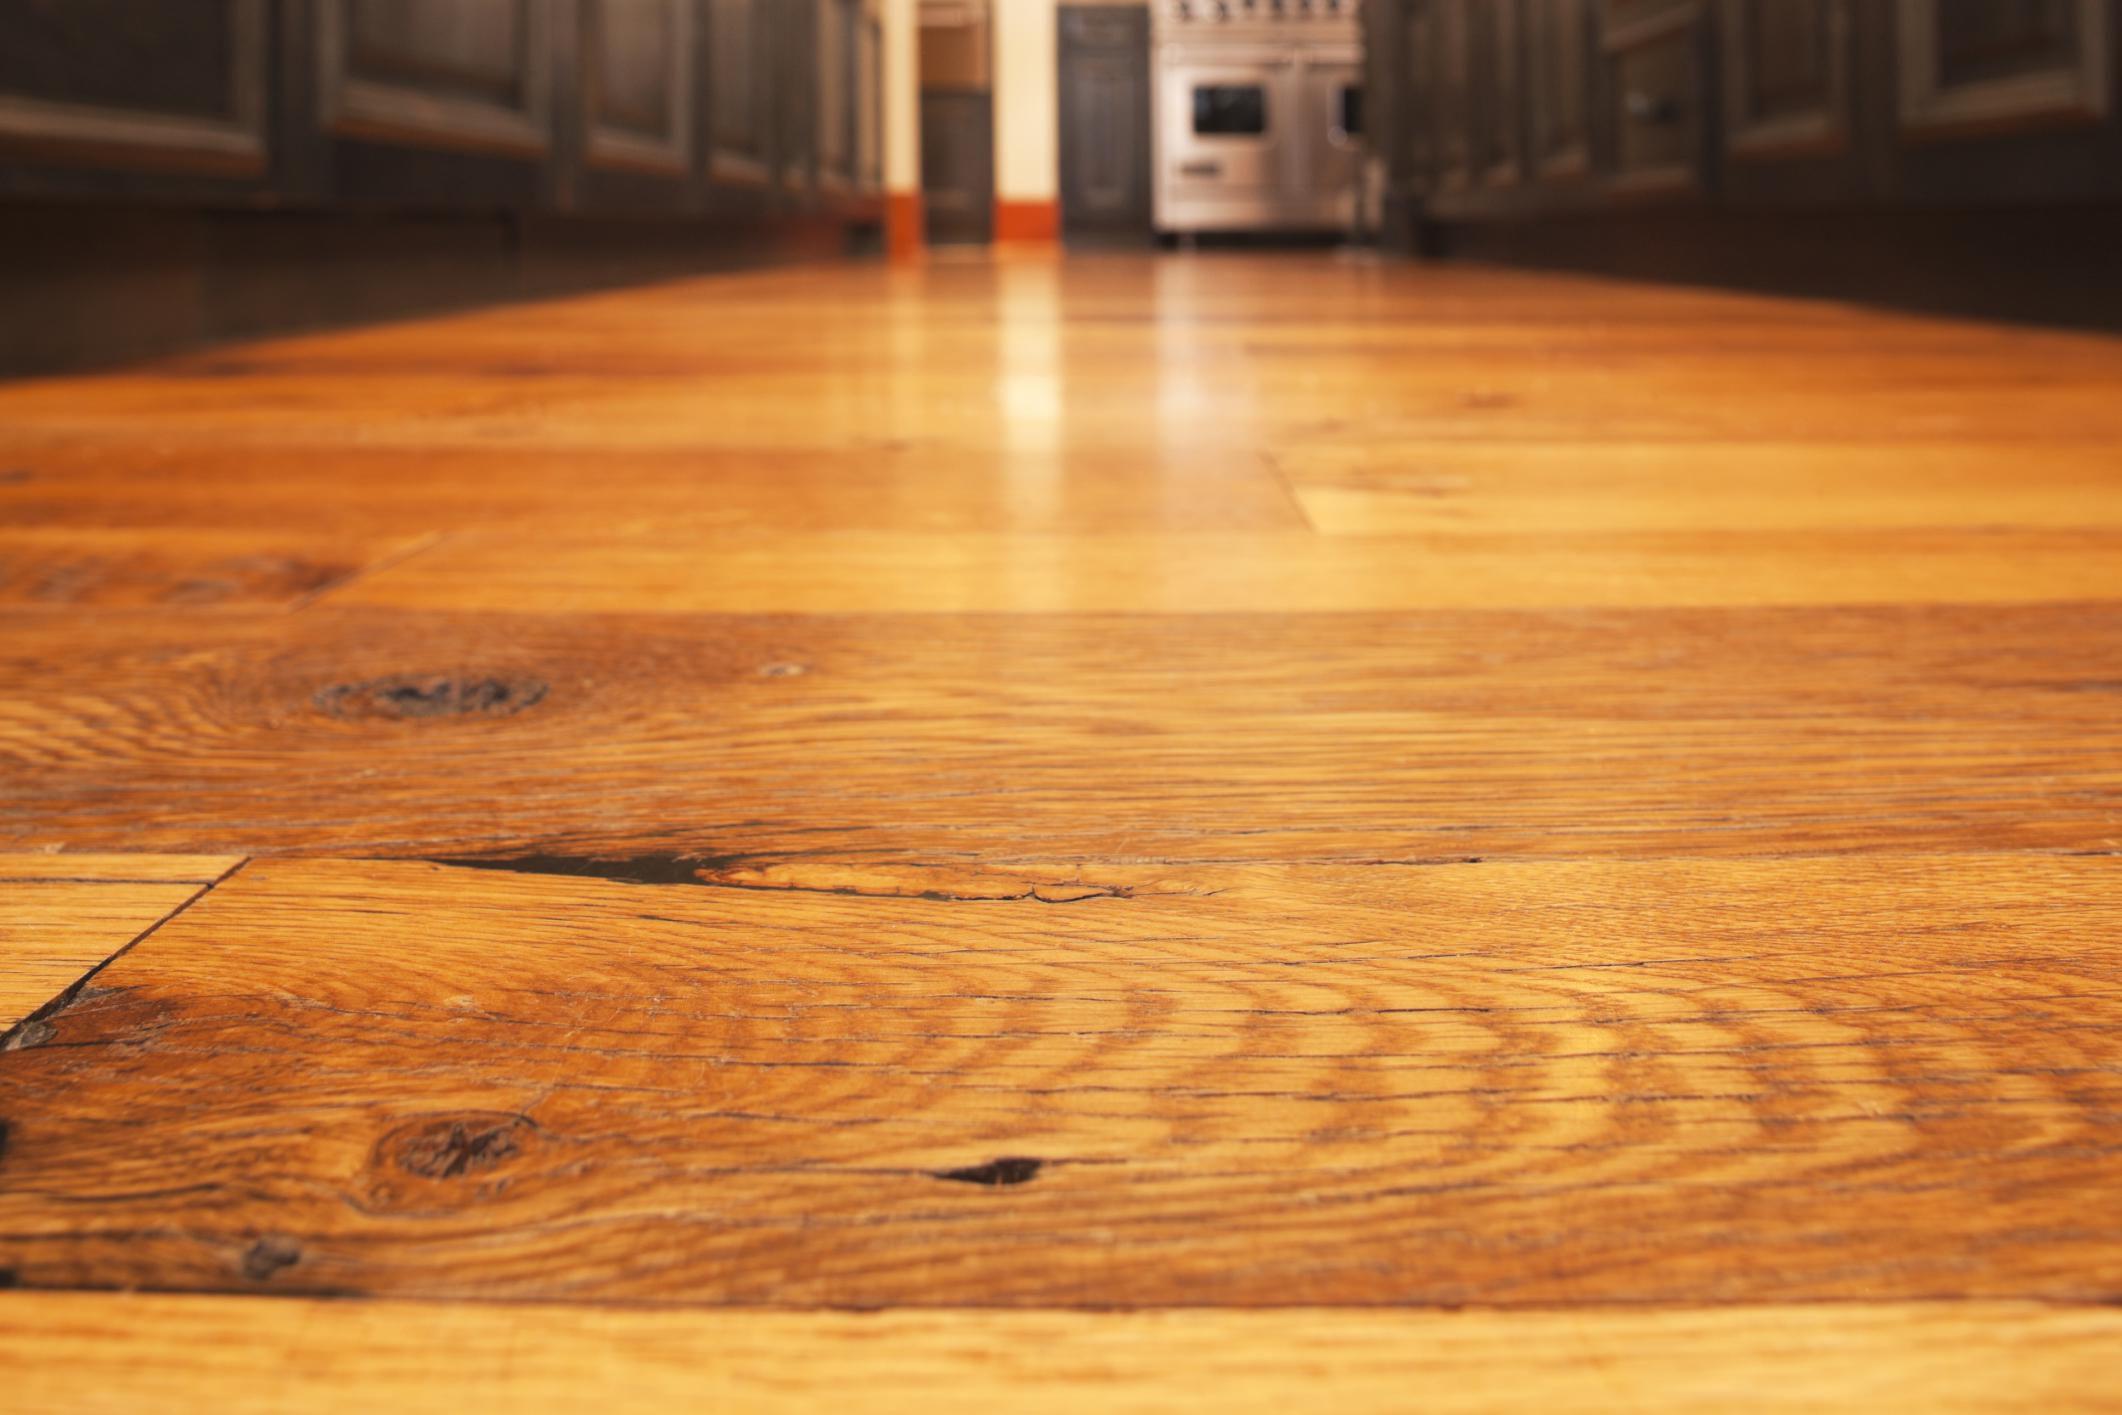 27 Stylish Sanding Hardwood Floors with An orbital Sander 2021 free download sanding hardwood floors with an orbital sander of how to sand hardwood floors inside 185126347 56a49f3d5f9b58b7d0d7e154